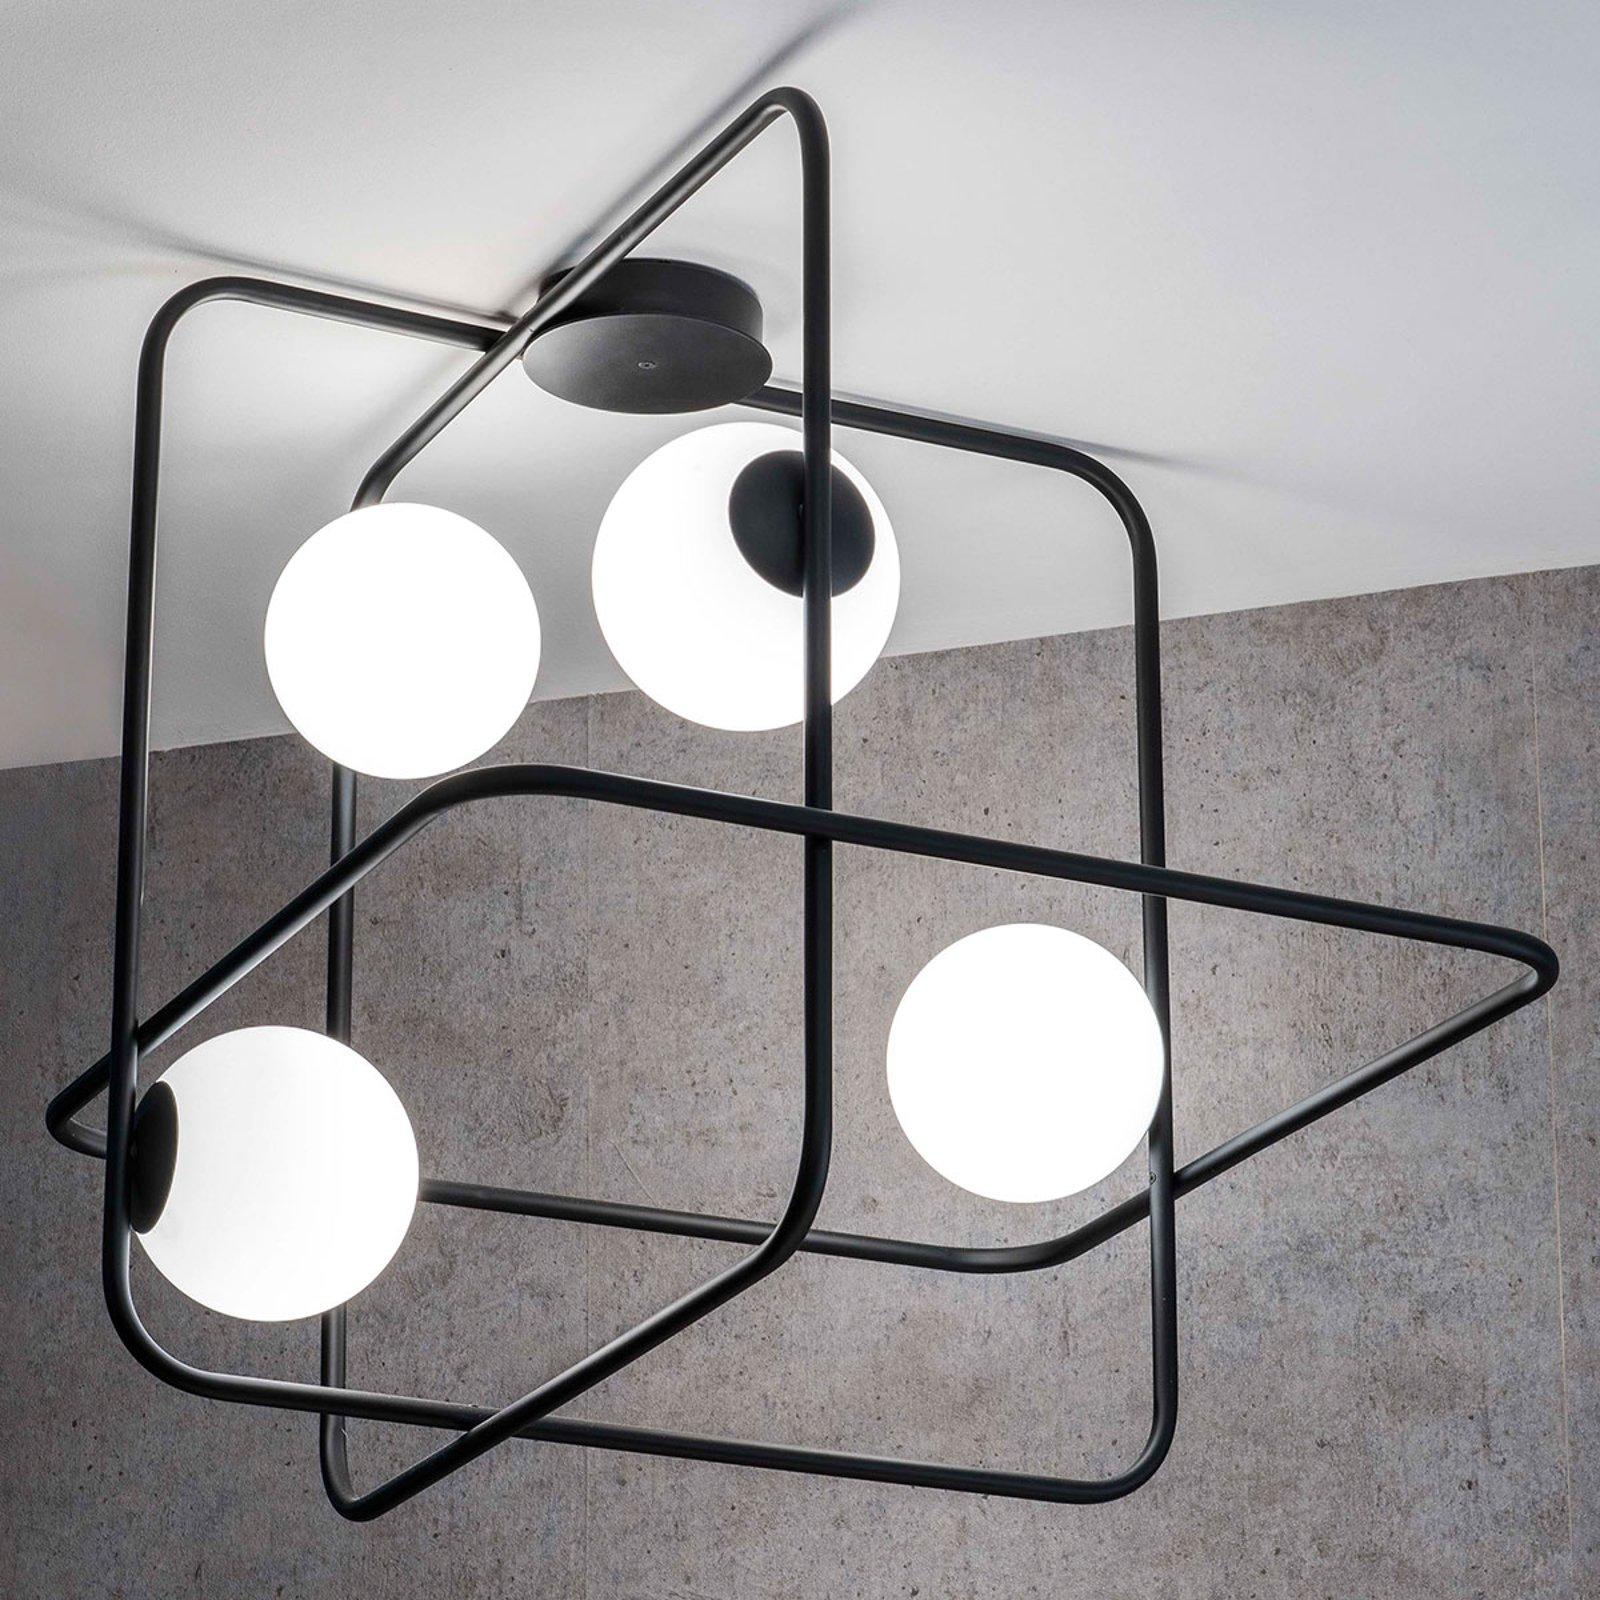 Intrigo taklampe kvadratisk svart